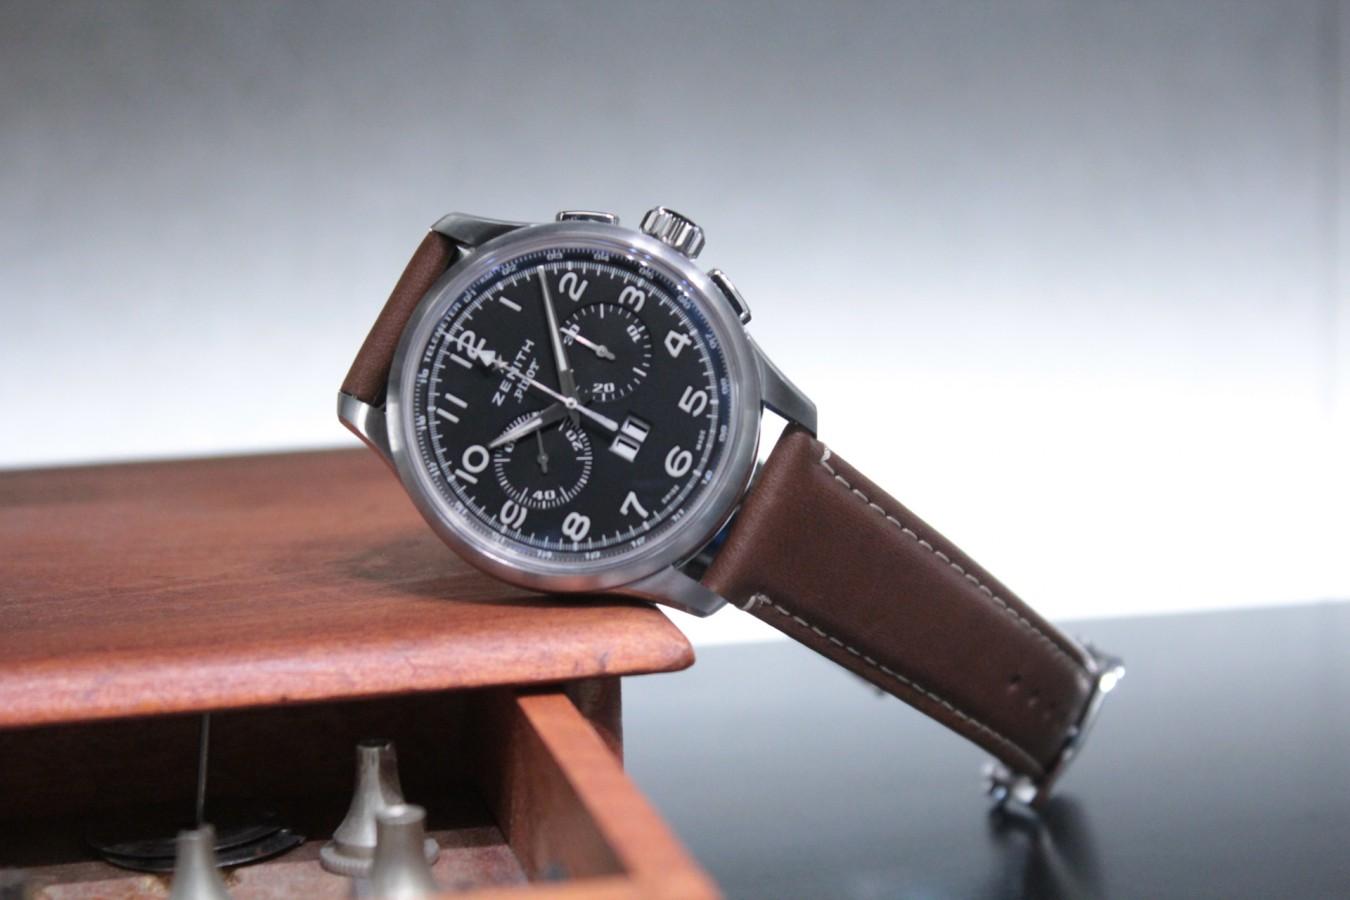 IMG_6404-1 非常に稀少な生産終了モデルが入荷!【パイロット ビッグデイト スペシャル】 - PILOT